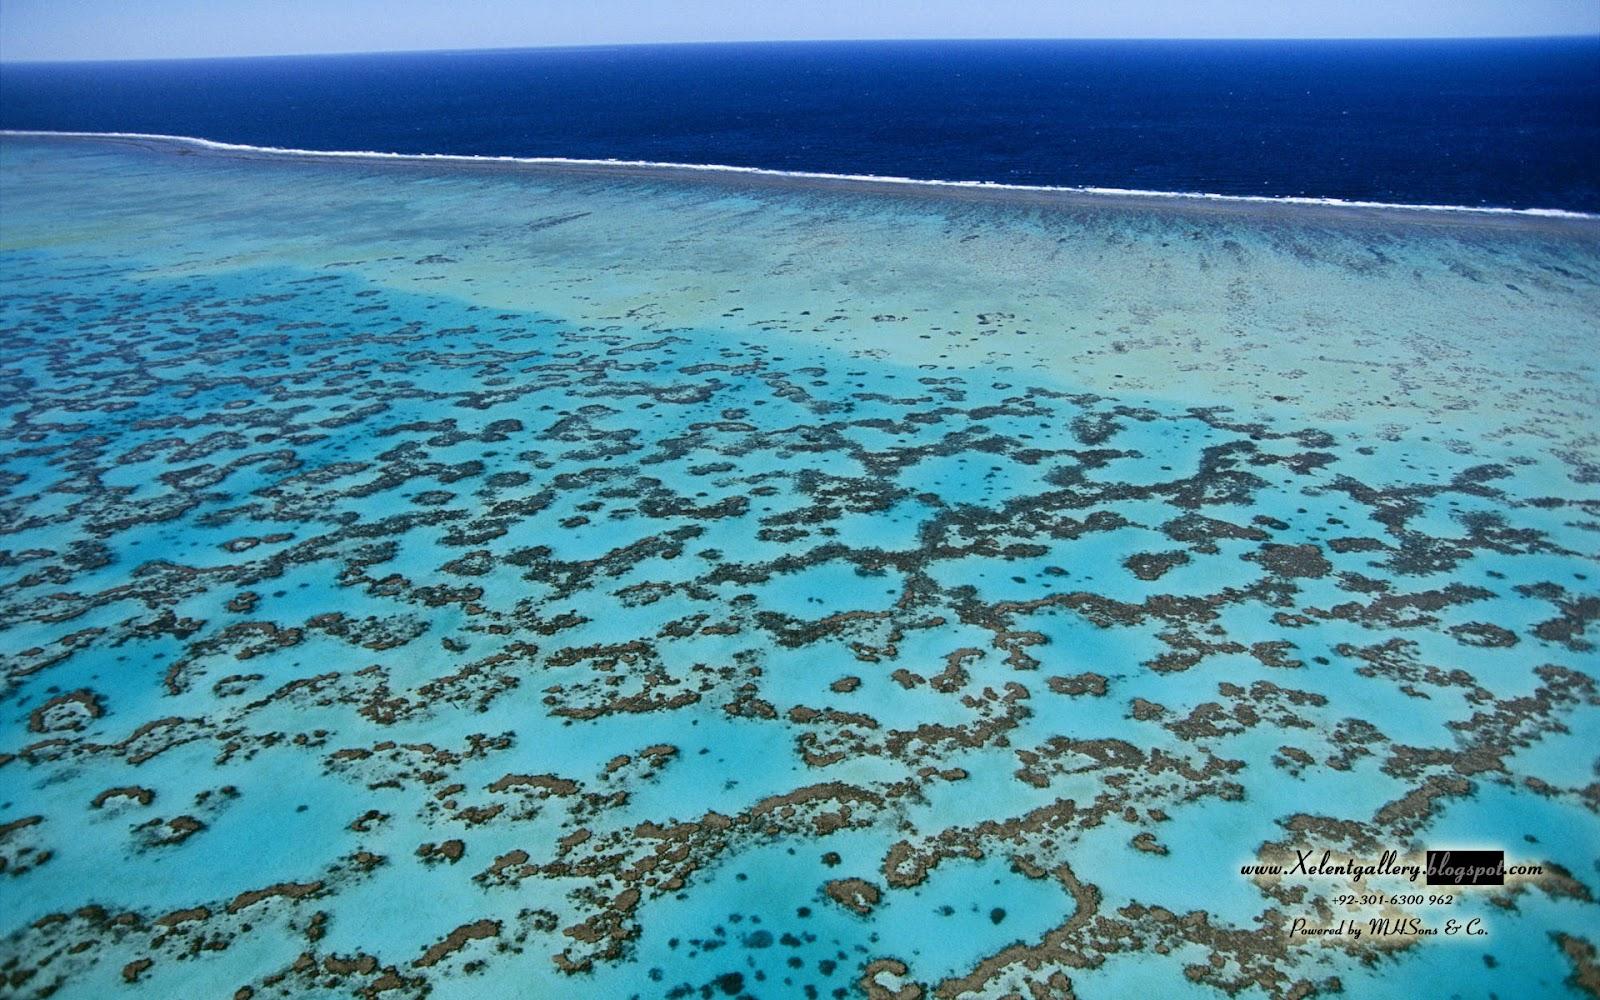 http://3.bp.blogspot.com/-48BnUfEl4kA/T99PWsoJuZI/AAAAAAAABxQ/DUbae1c-fAk/s1600/Amazing+Island+Wallpapers+%252832%2529.JPG